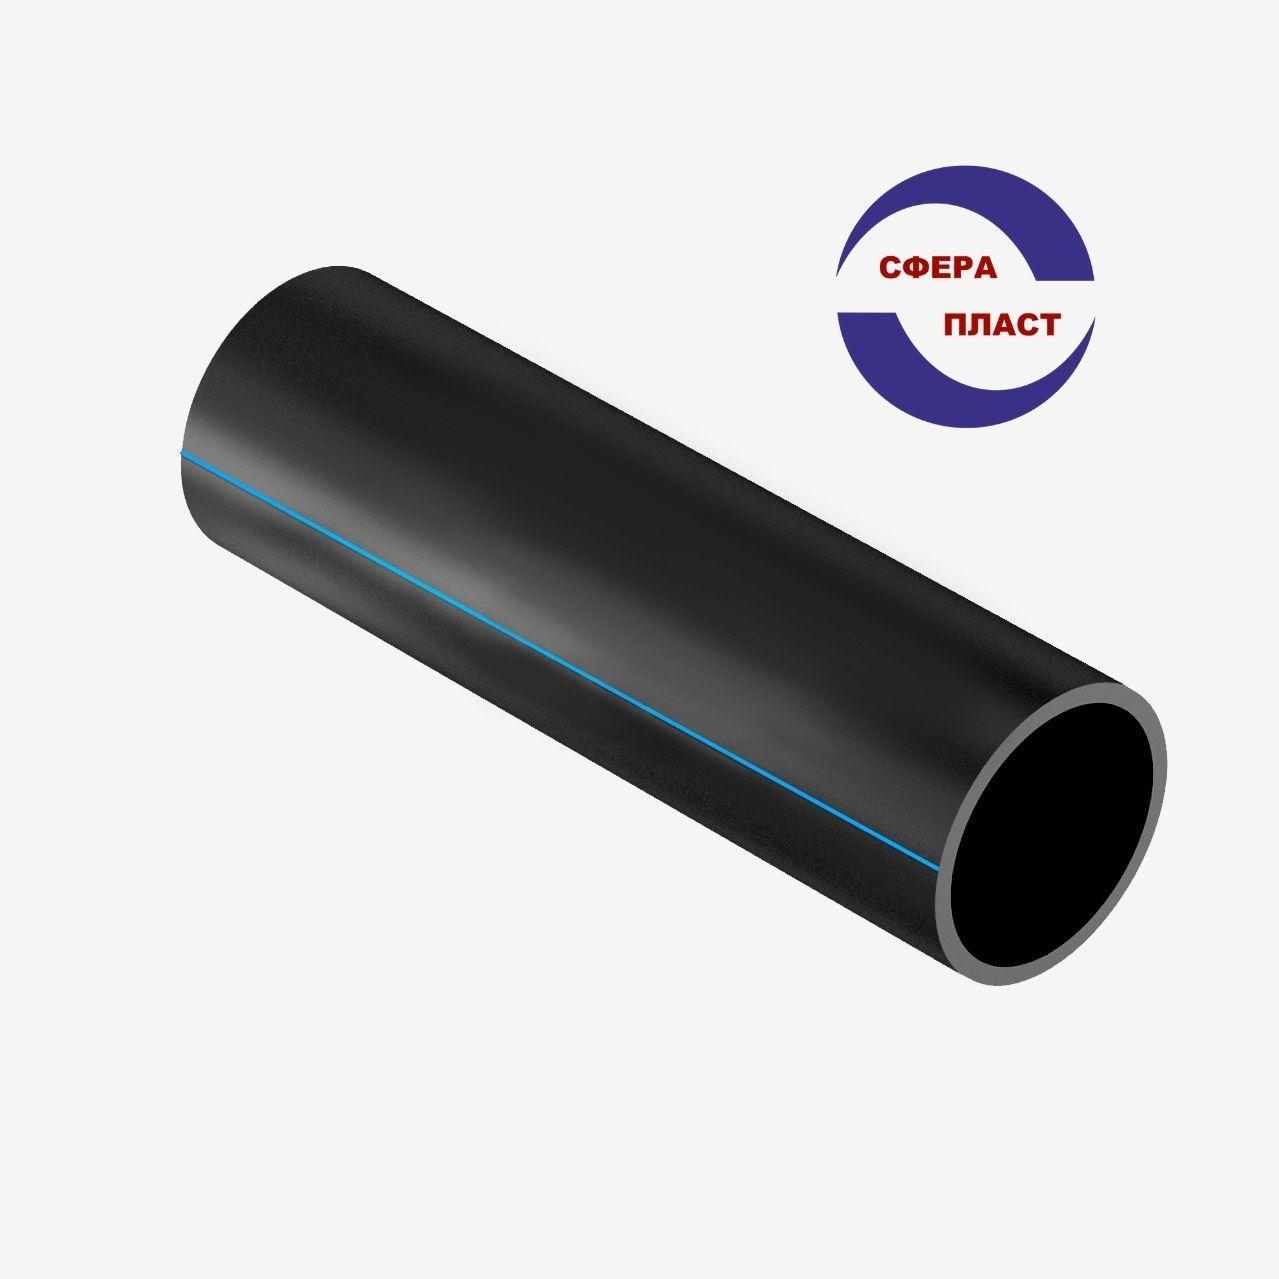 Труба Ду-160x6,2 SDR26 (6,3 атм) полиэтиленовая ПЭ-100